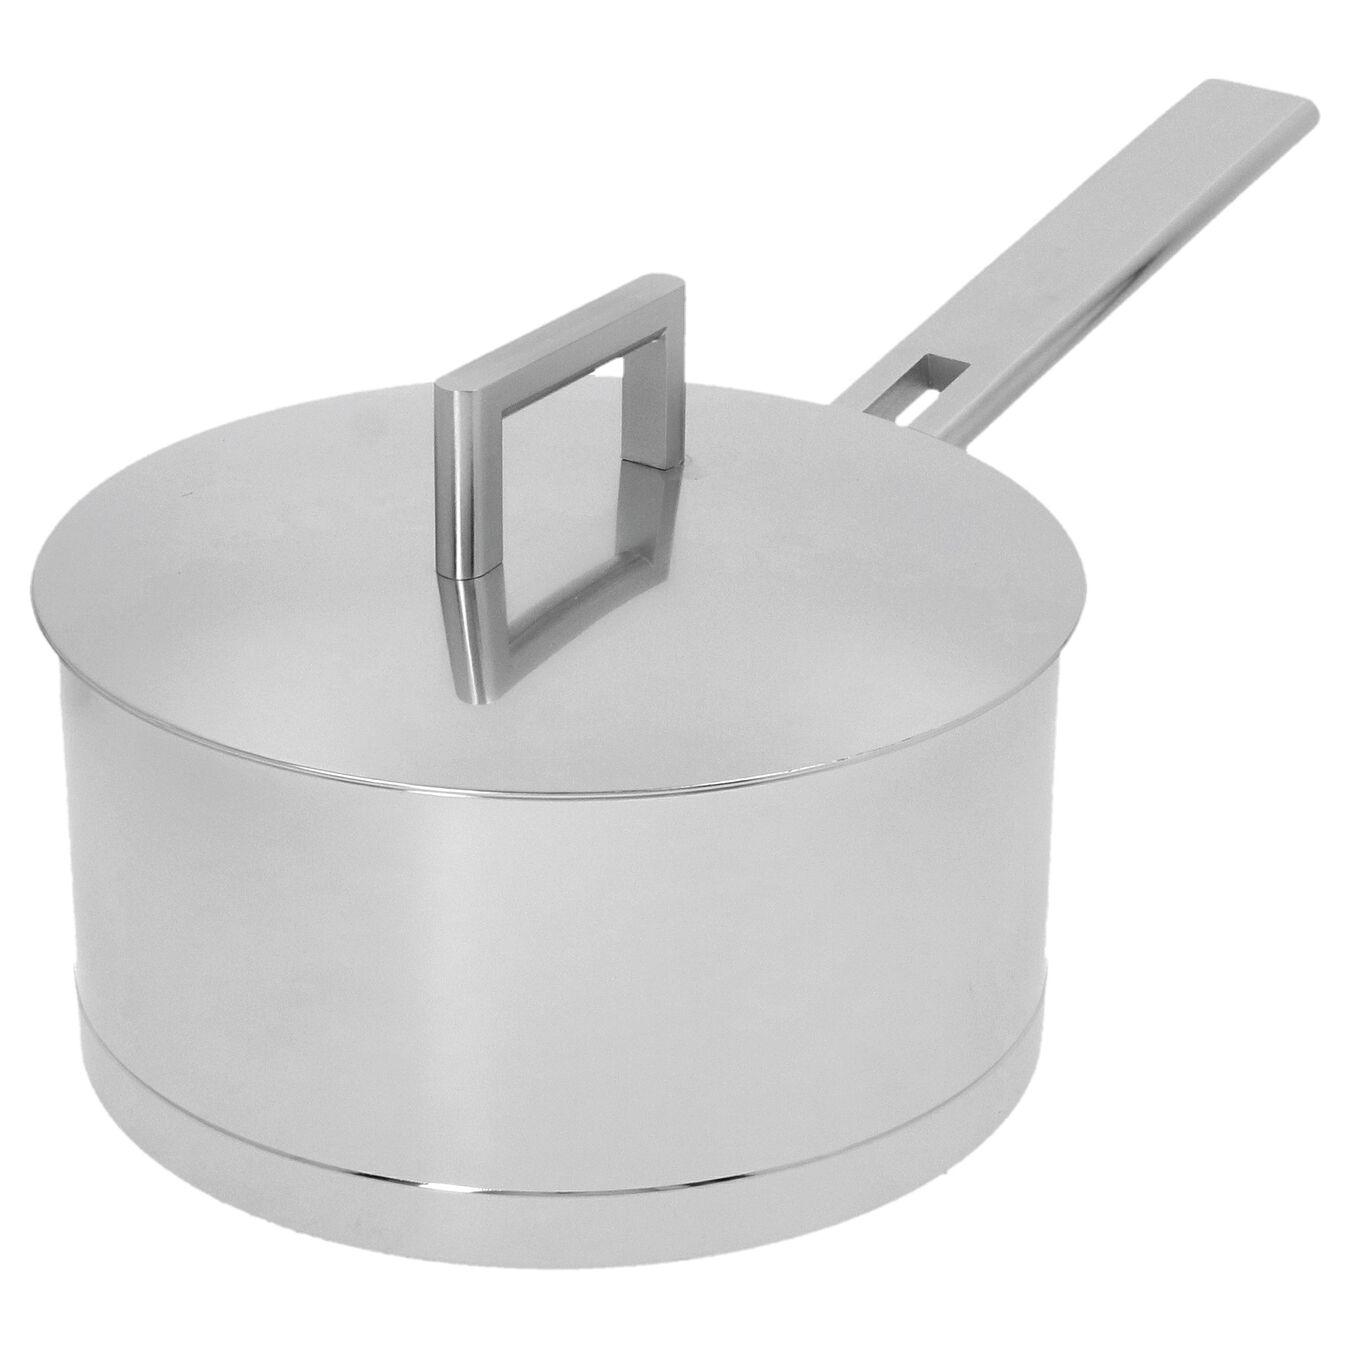 Sos Tenceresi Kapaklı | 18/10 Paslanmaz Çelik | 20 cm | Metalik Gri,,large 5